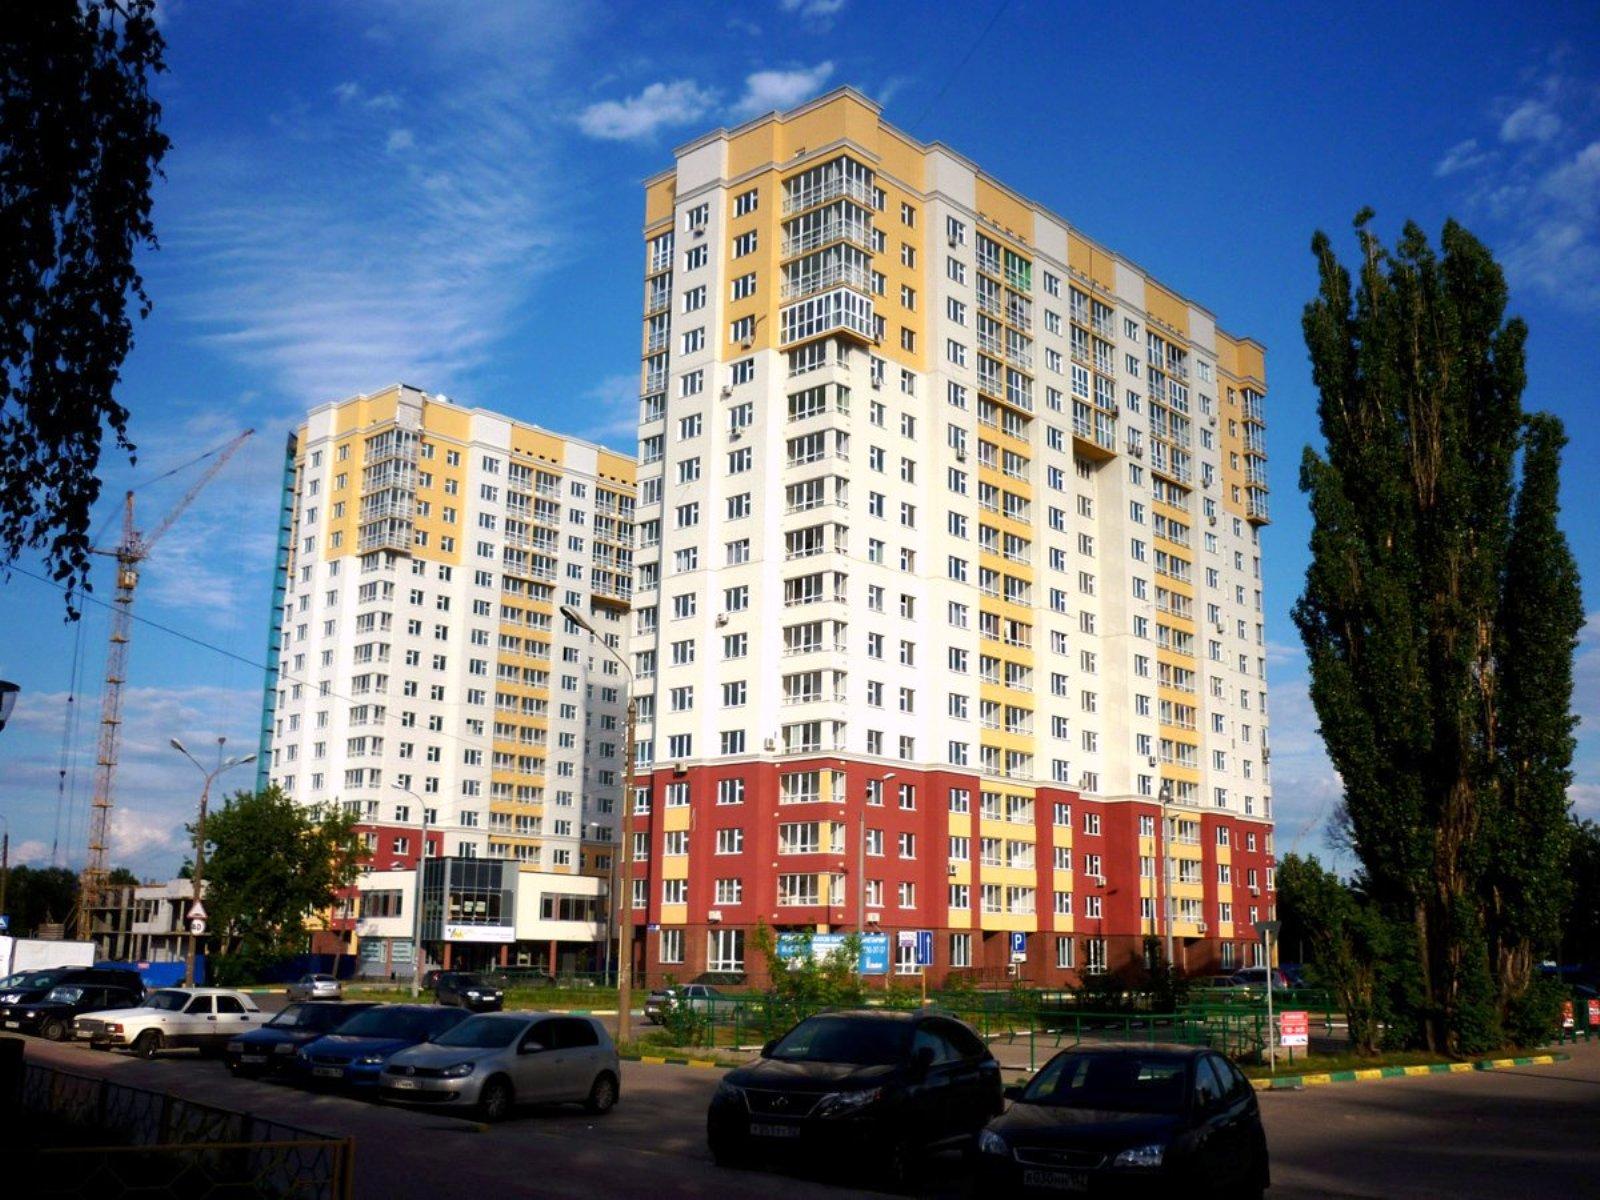 Нижний Новгород. Новостройки » Нижний ...: www.kartinki24.ru/kartinki/nizhniy-novgorod/12374.html